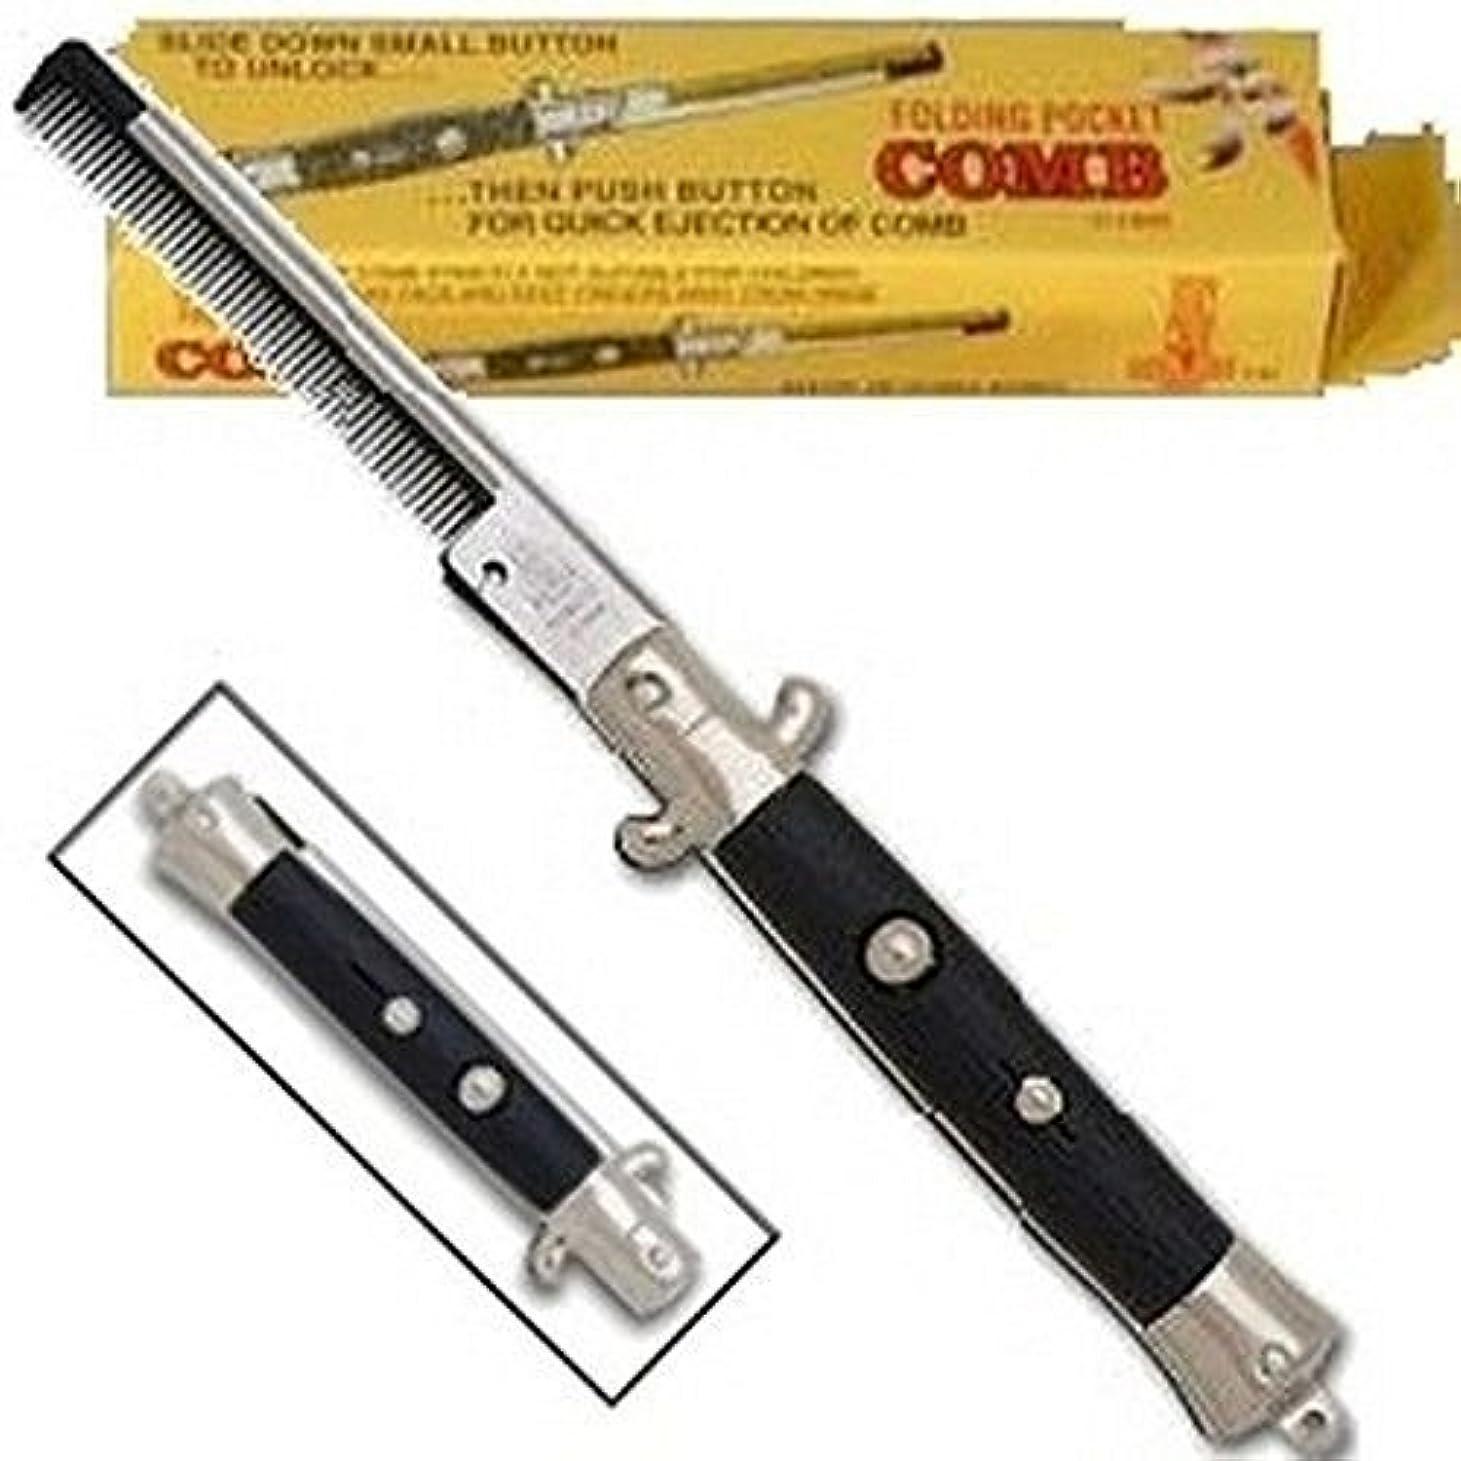 ぴったり計算批判的Novelty Switch Blade Comb (1 DOZEN PIECES) [並行輸入品]